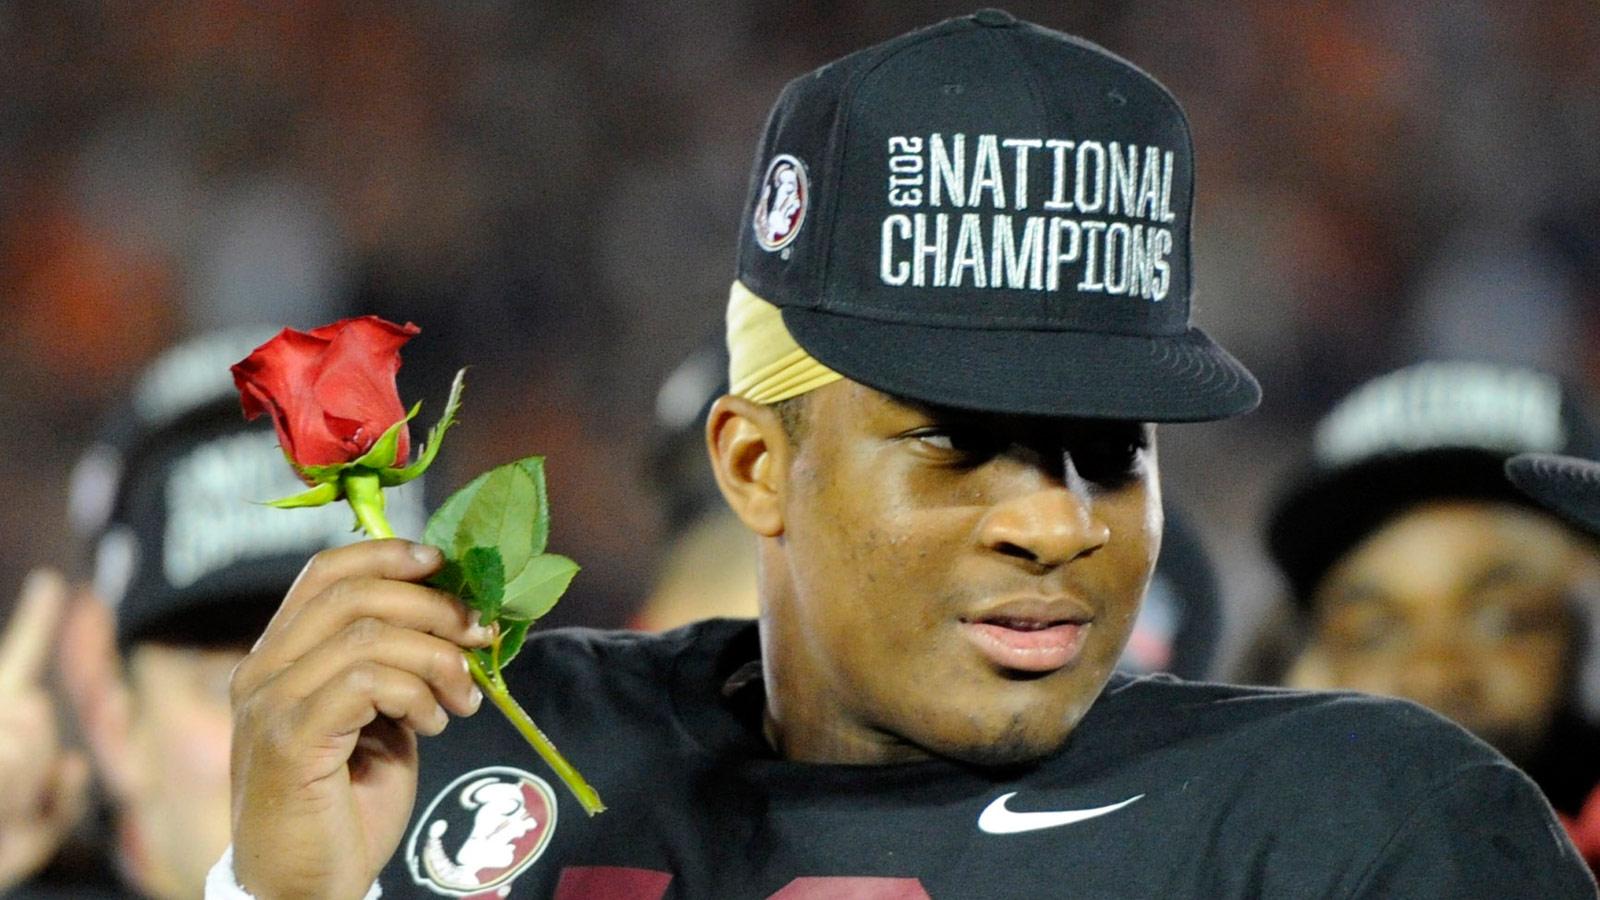 FSU remains the preseason No. 1 in college football